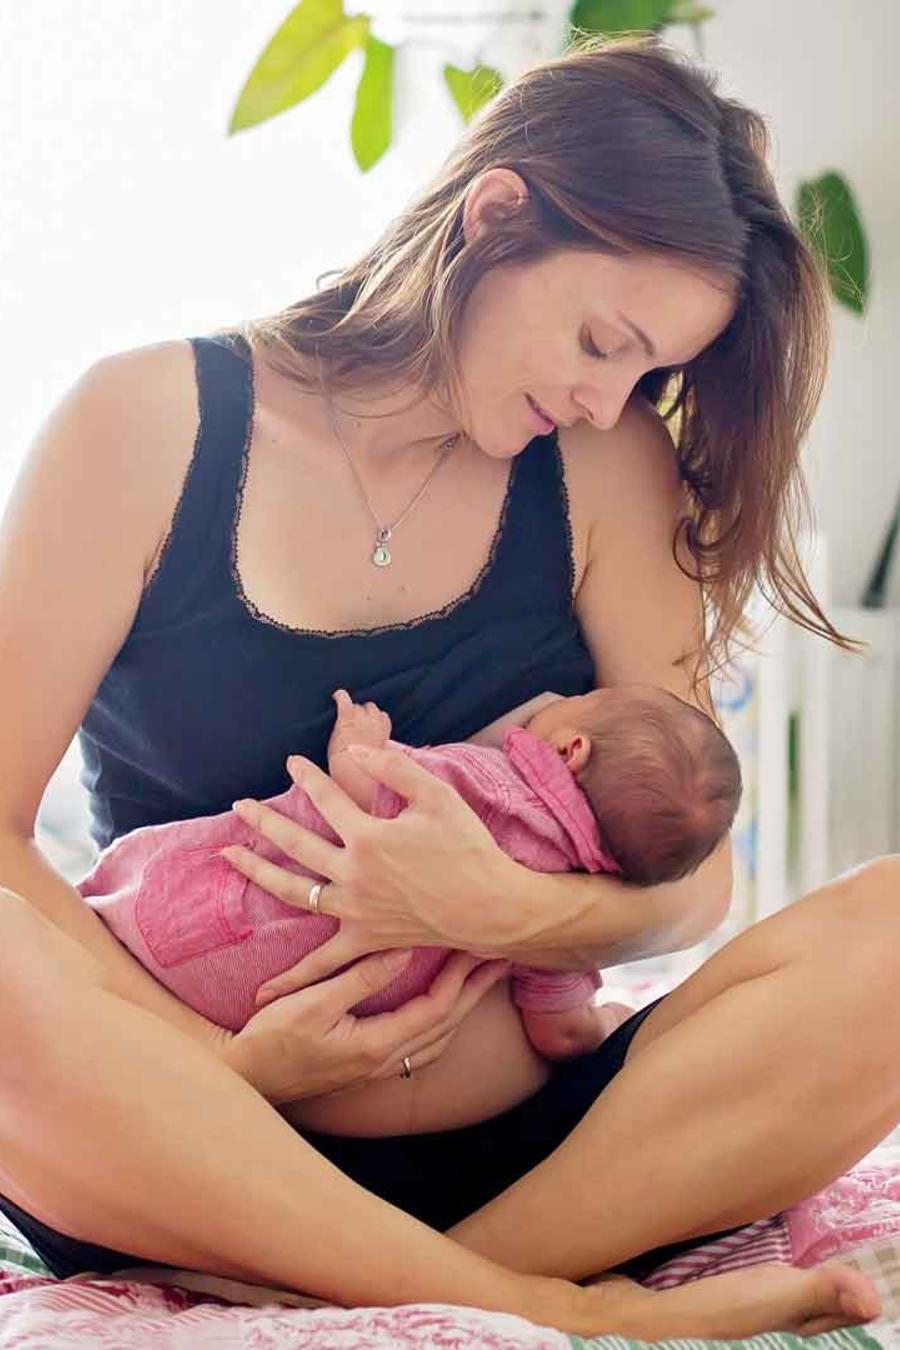 Madre lactando a su bebé